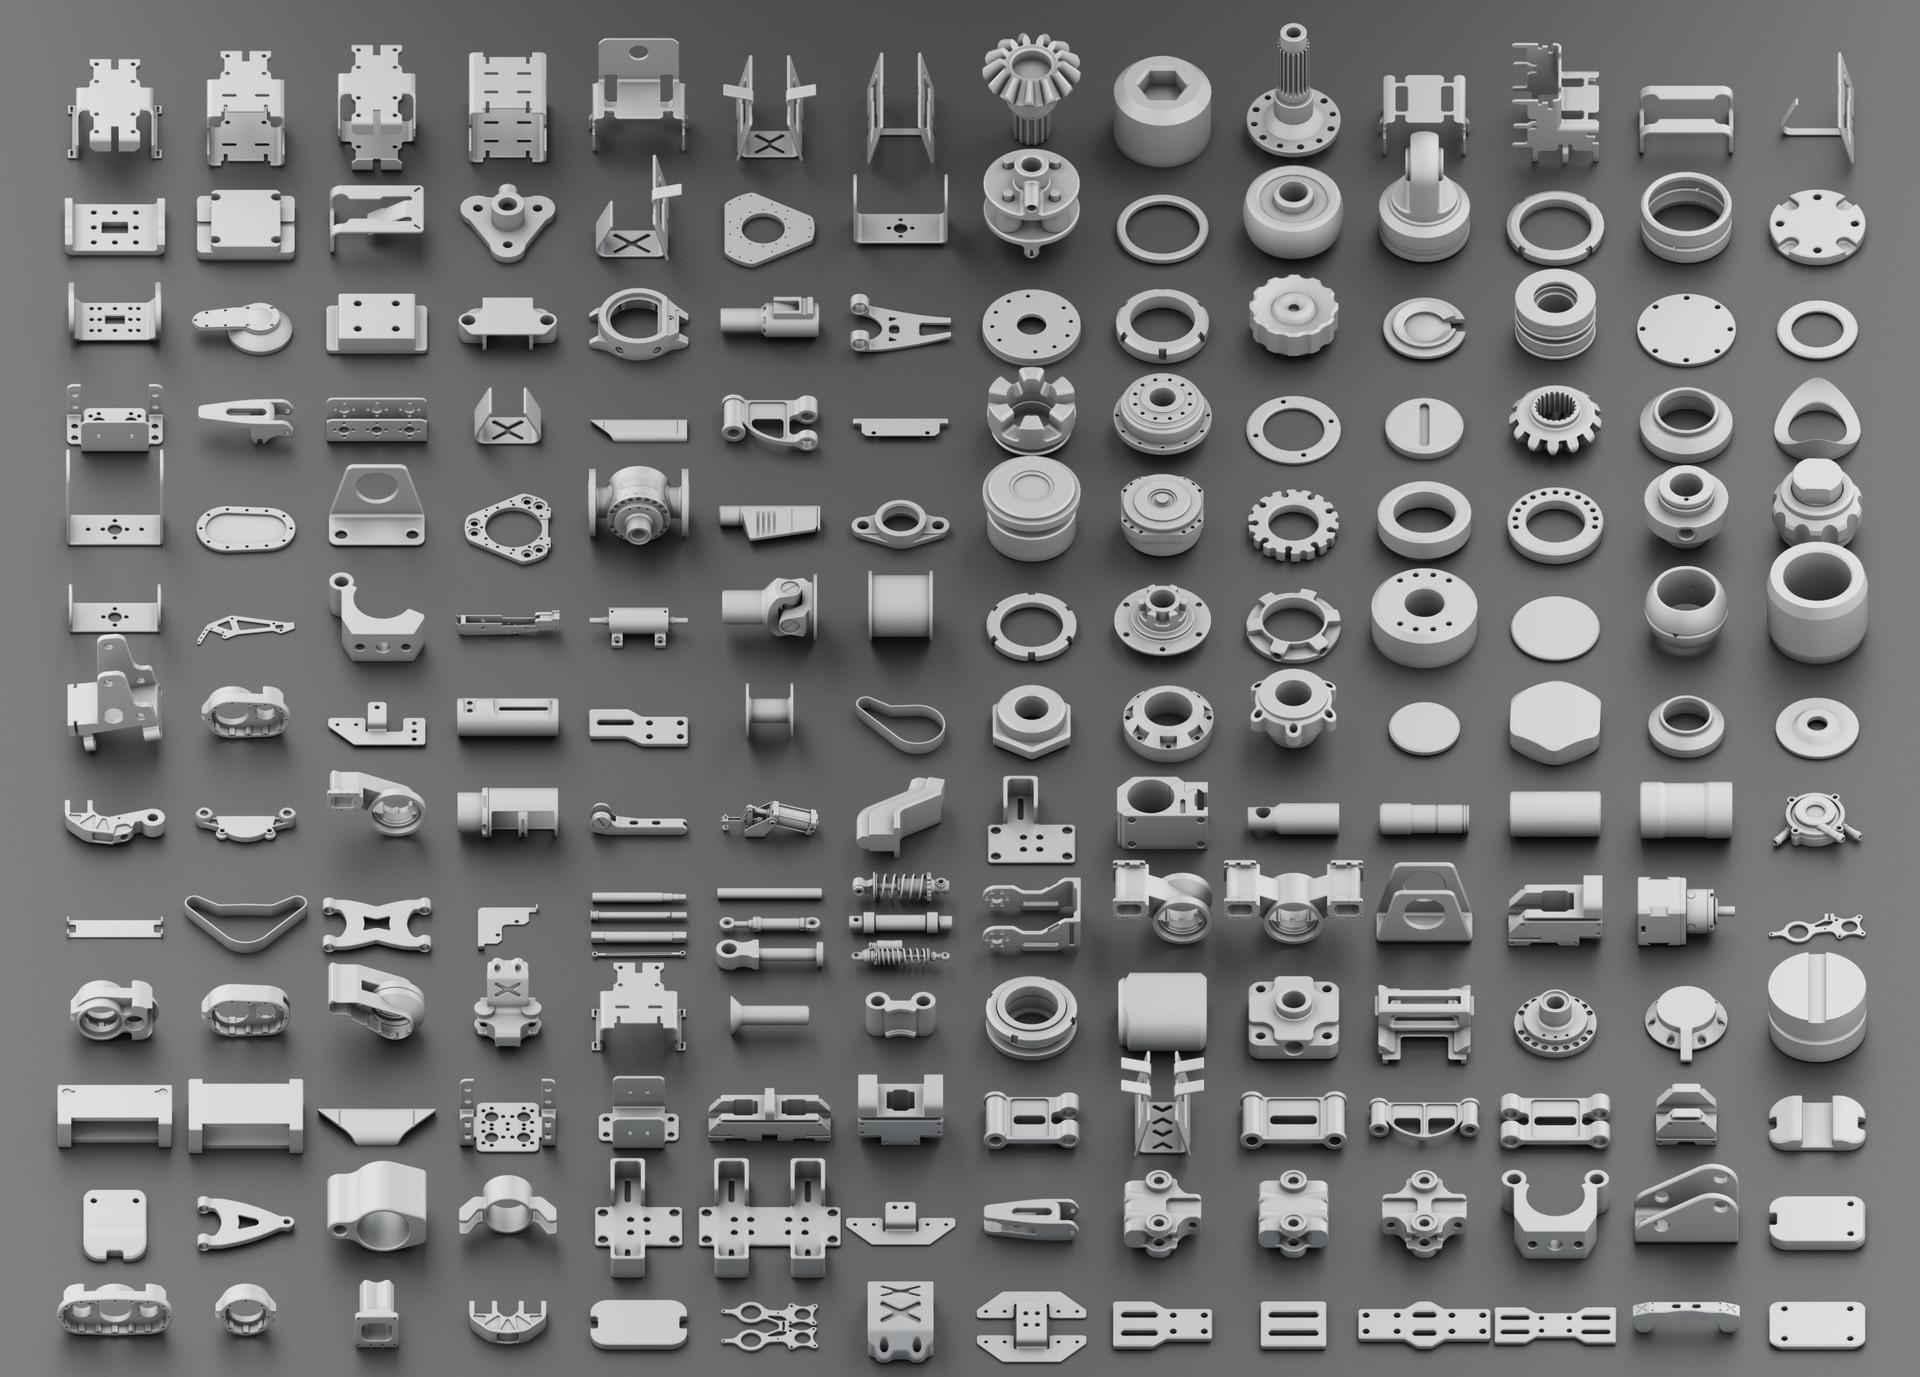 FREE Hard Surface KitBash by Oleg Ushenok - 3DCoat Exchange Library